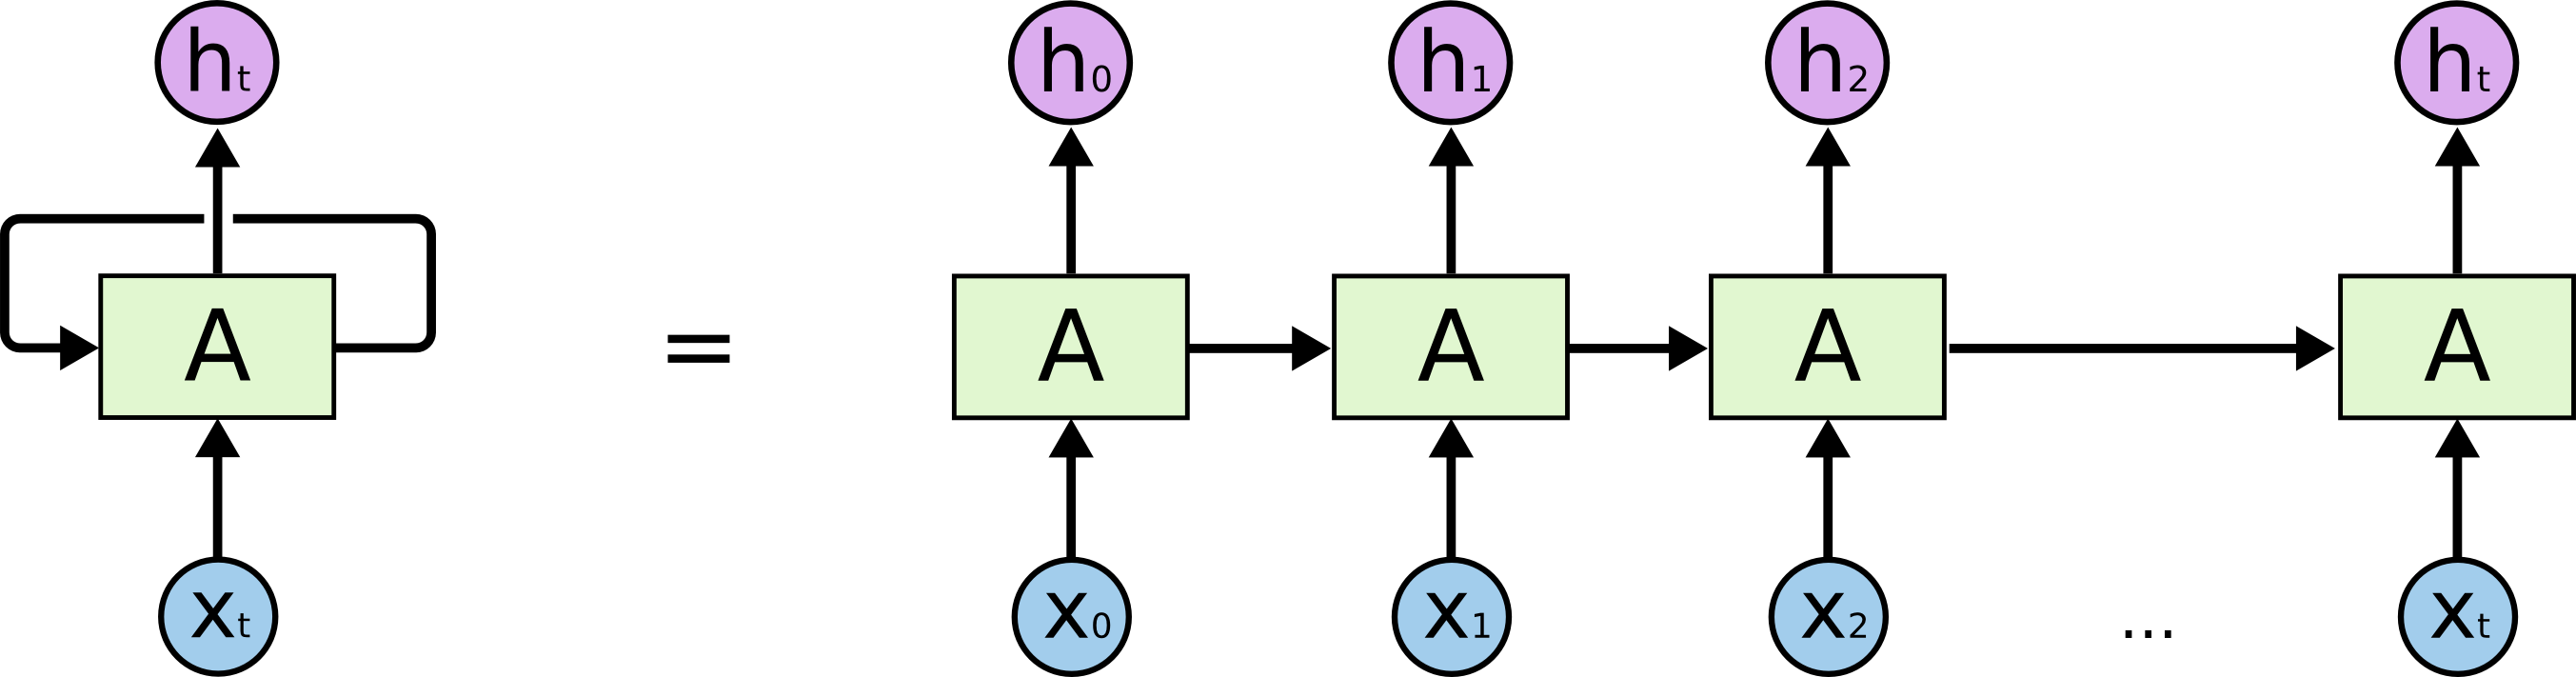 Развернутая схема рекурентной нейронной сети